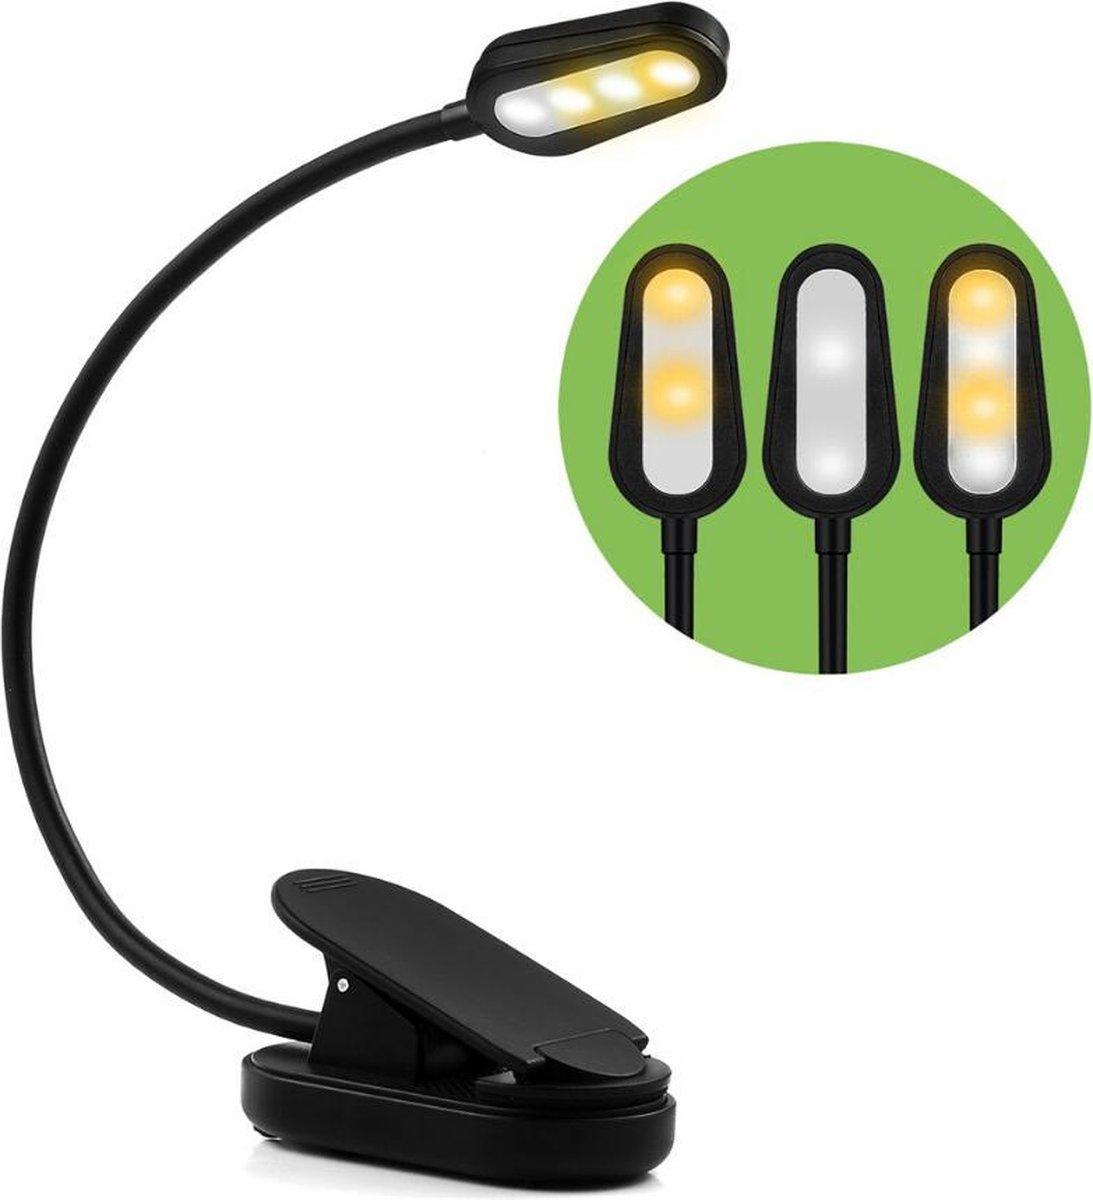 HandyLight Oplaadbaar USB Leeslampje met Klem - Draadloos Clip On LED Boeklampje - Dimbaar - Verstelbaar - Flexibel - Flexilight - Met Accu voor 60 uur - Geschikt voor Boek/E-reader/Kindel/Kobo/PC/Laptop/Muziek/Slaapkamer - Zwart